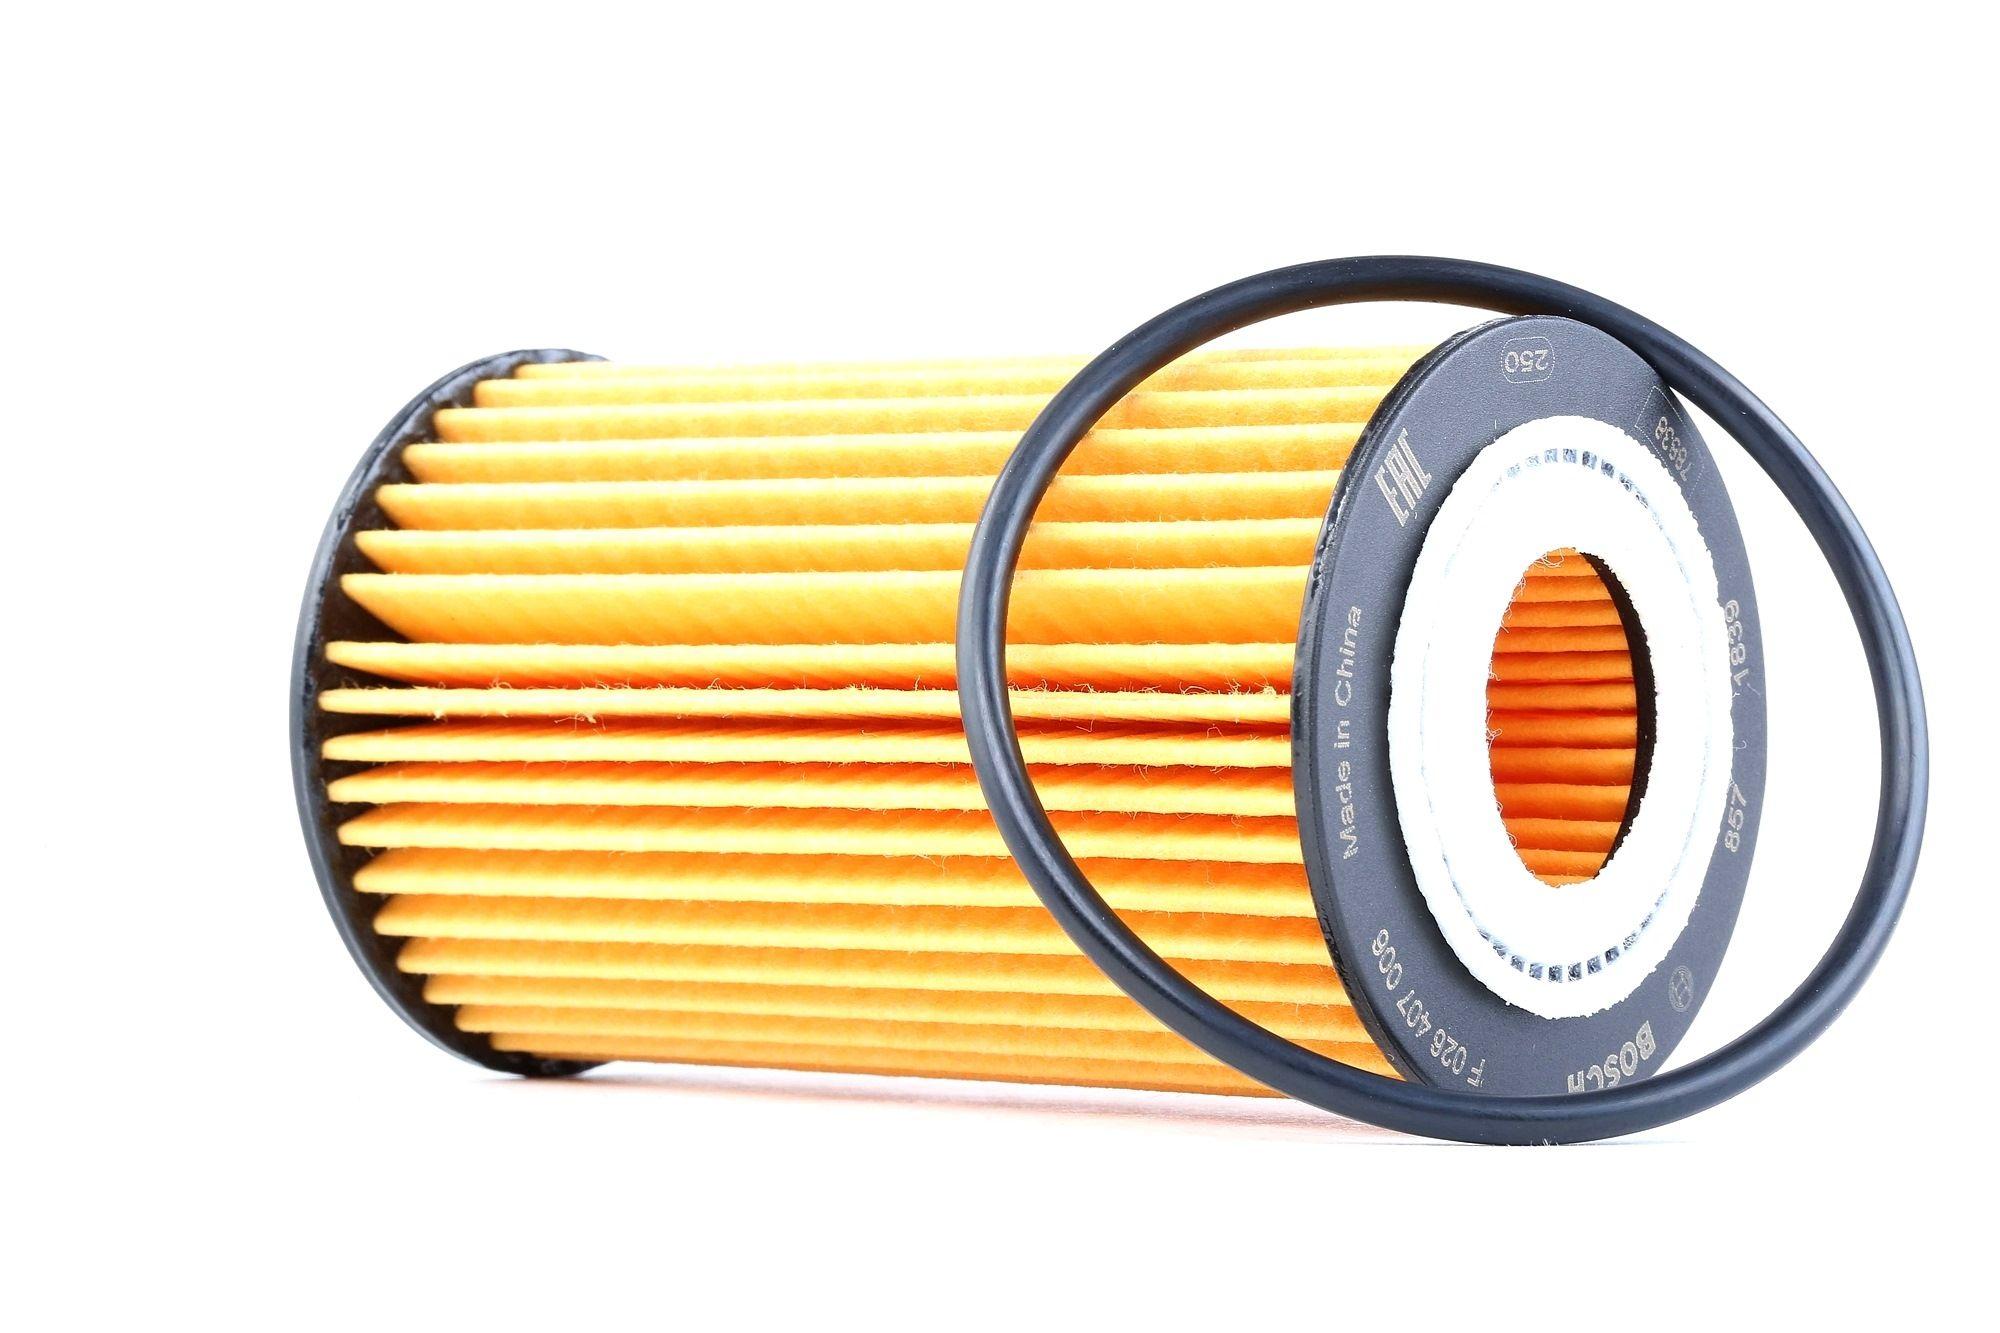 Motorölfilter F 026 407 006 Opel VECTRA 2006